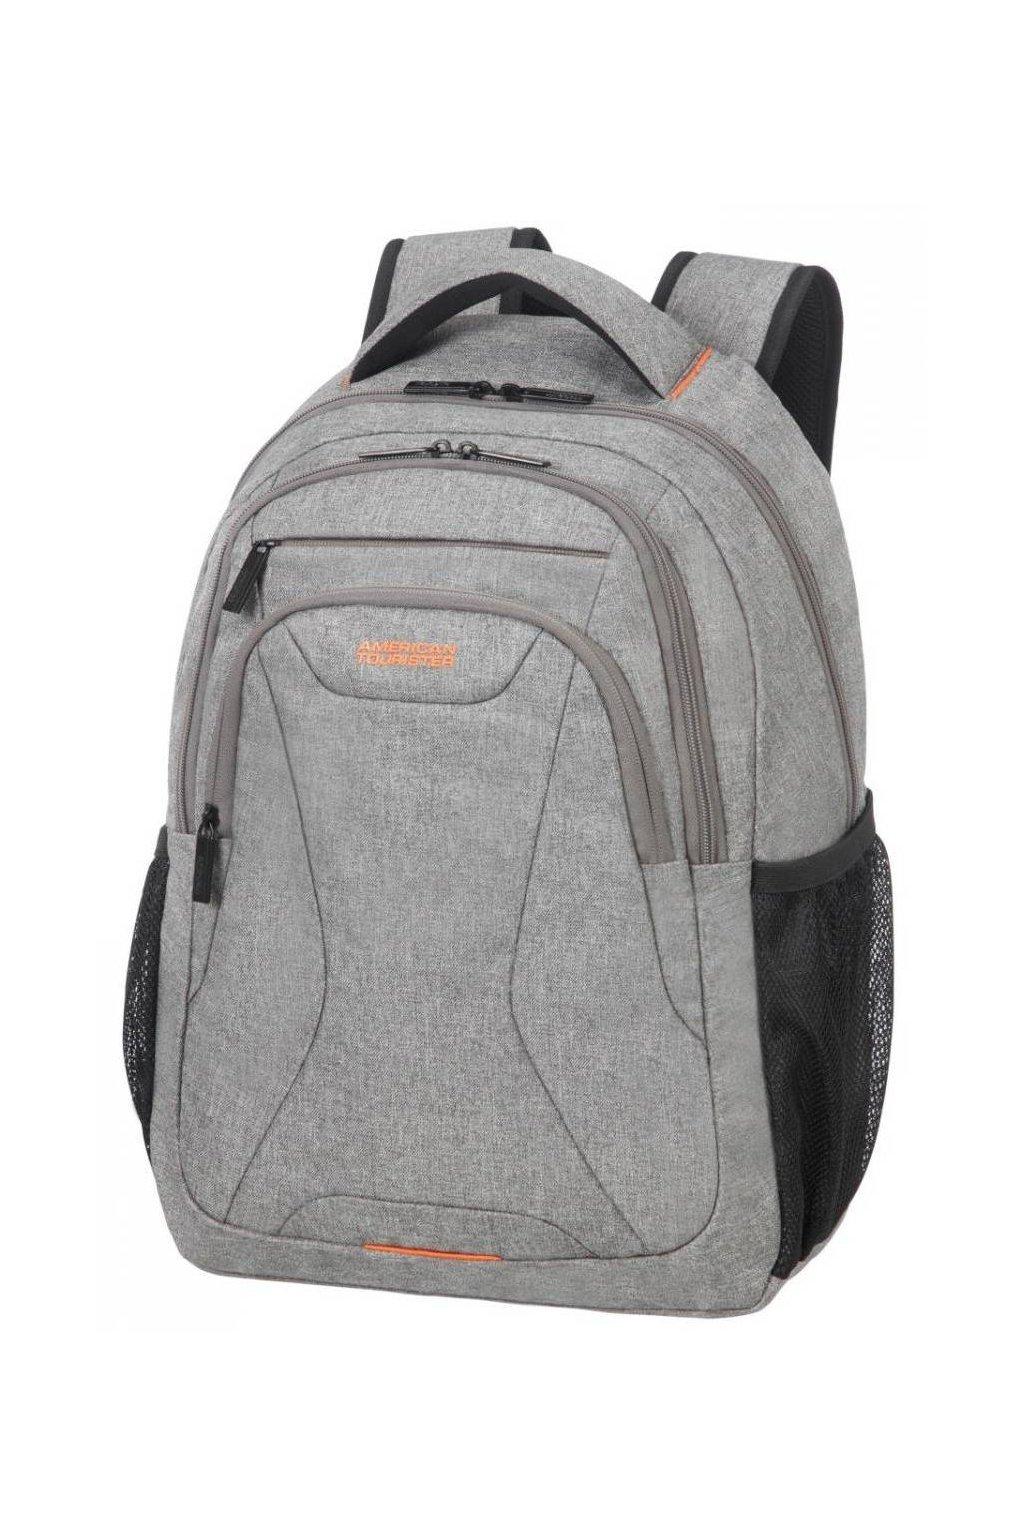 kufrland americantourister atwork laptopbackpack15.6 melangecoolgrey1